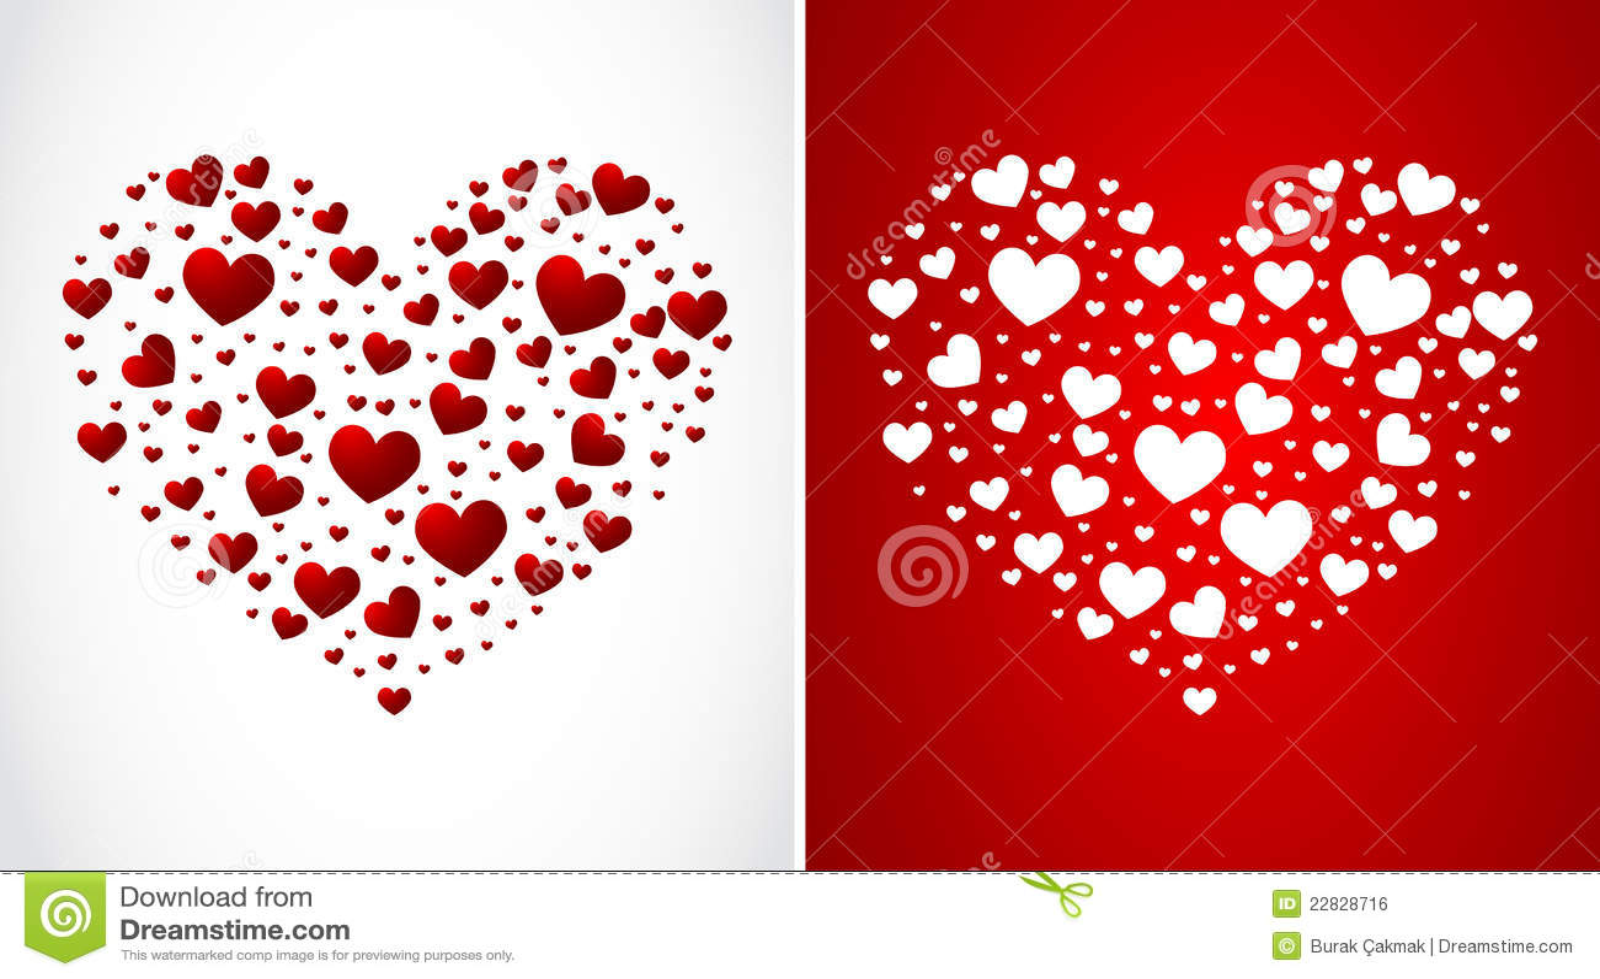 Corazón Hecho De Pequeños Corazones Ilustración Del Vector